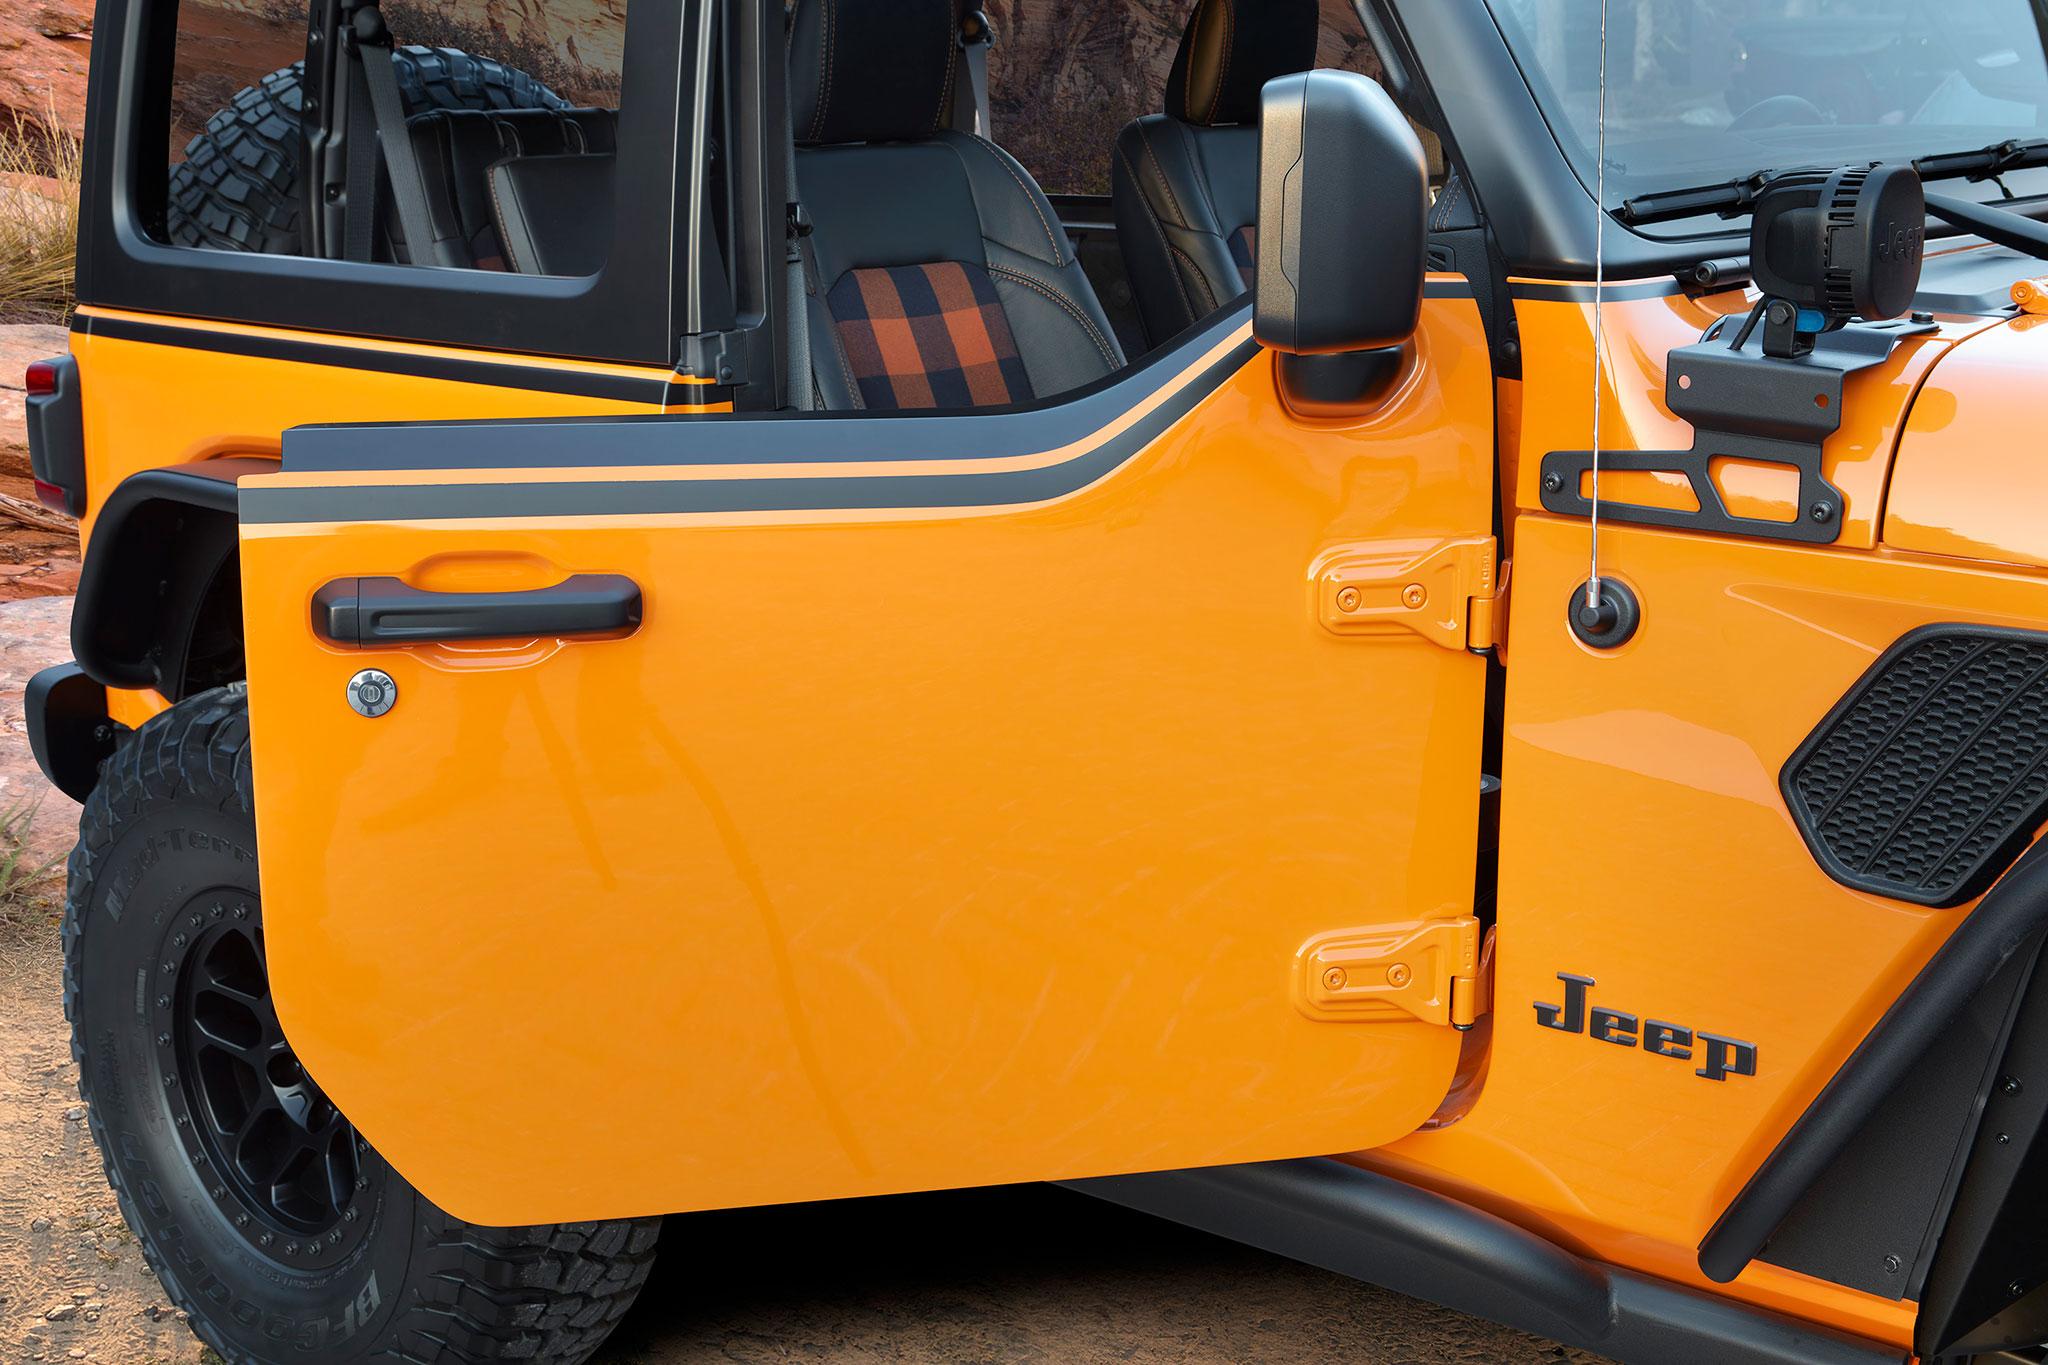 2021 Jeep Wrangler 2-Door Orange Peelz demi-porte spécialement pour ce concept - Concept Cars de Jeep®.